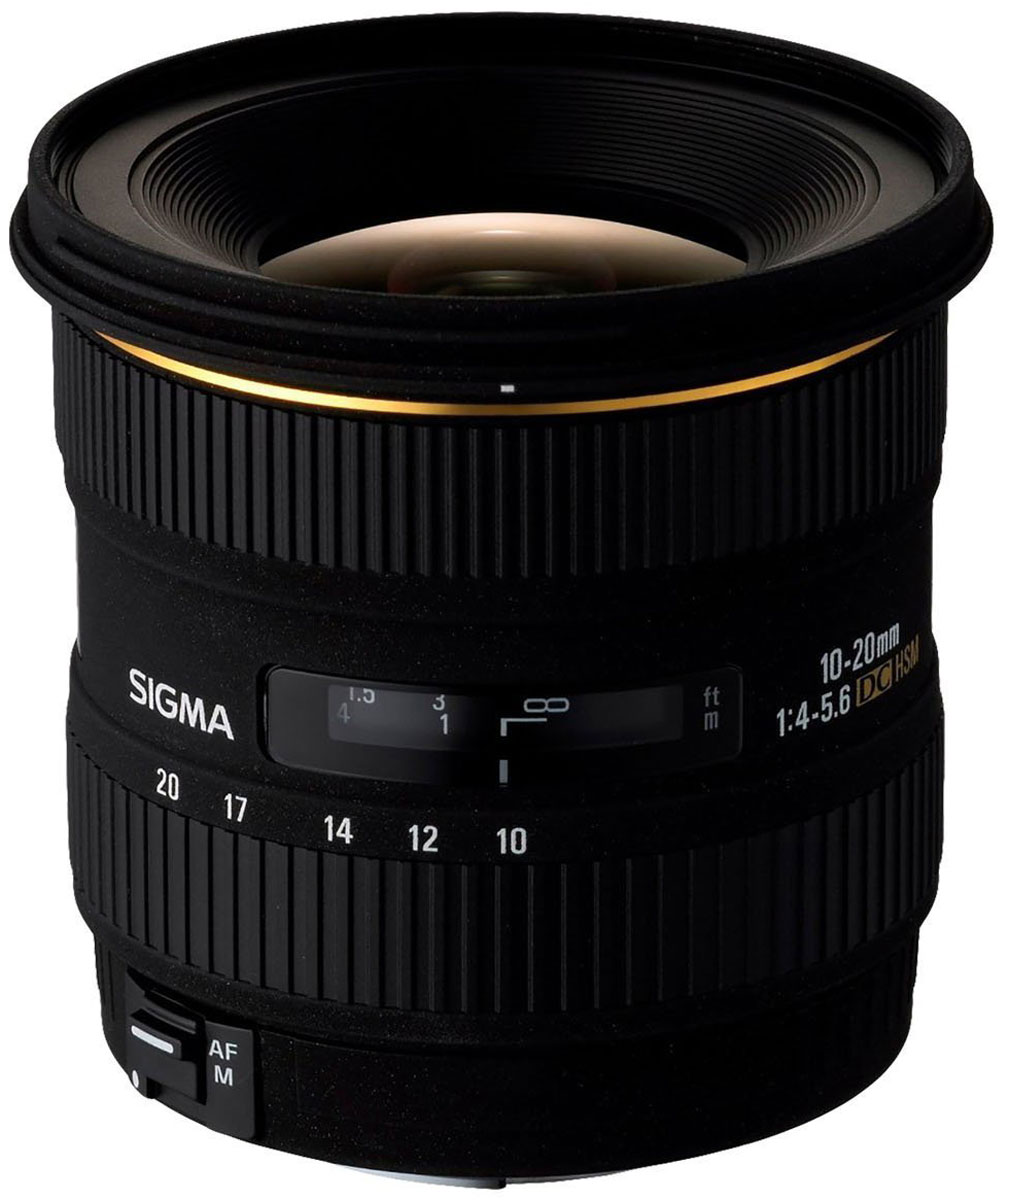 SigmaAF10-20mmF/3.5EXDCHSM, Black объектив для Canon